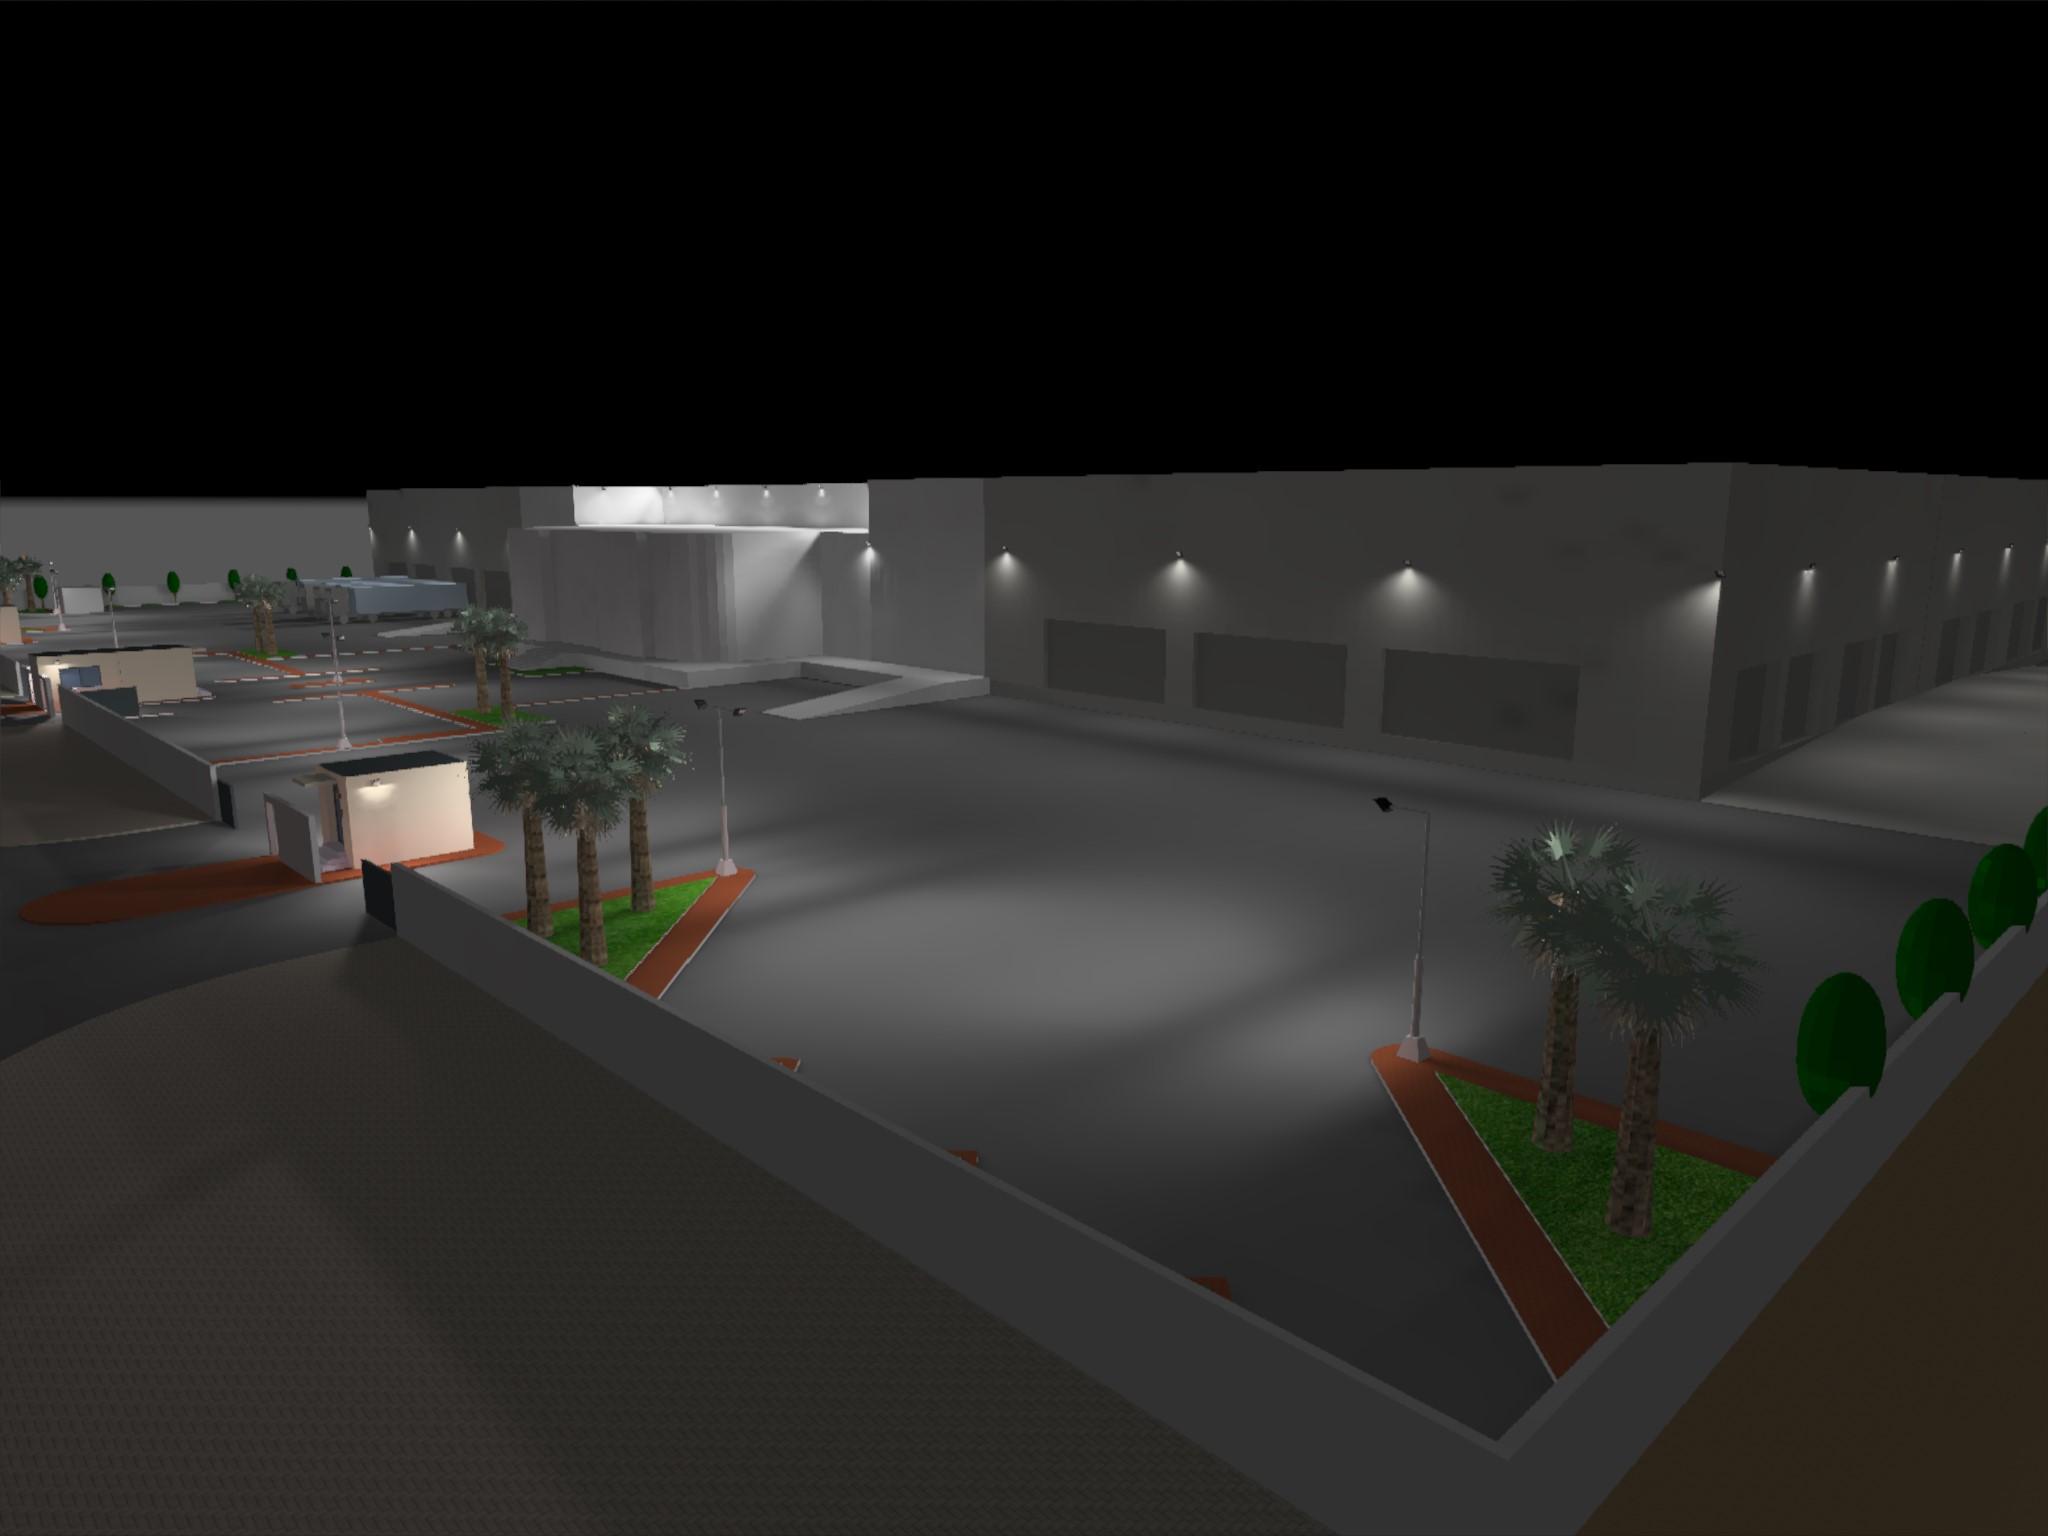 Dialux evo - Warehouse Design - Site View2